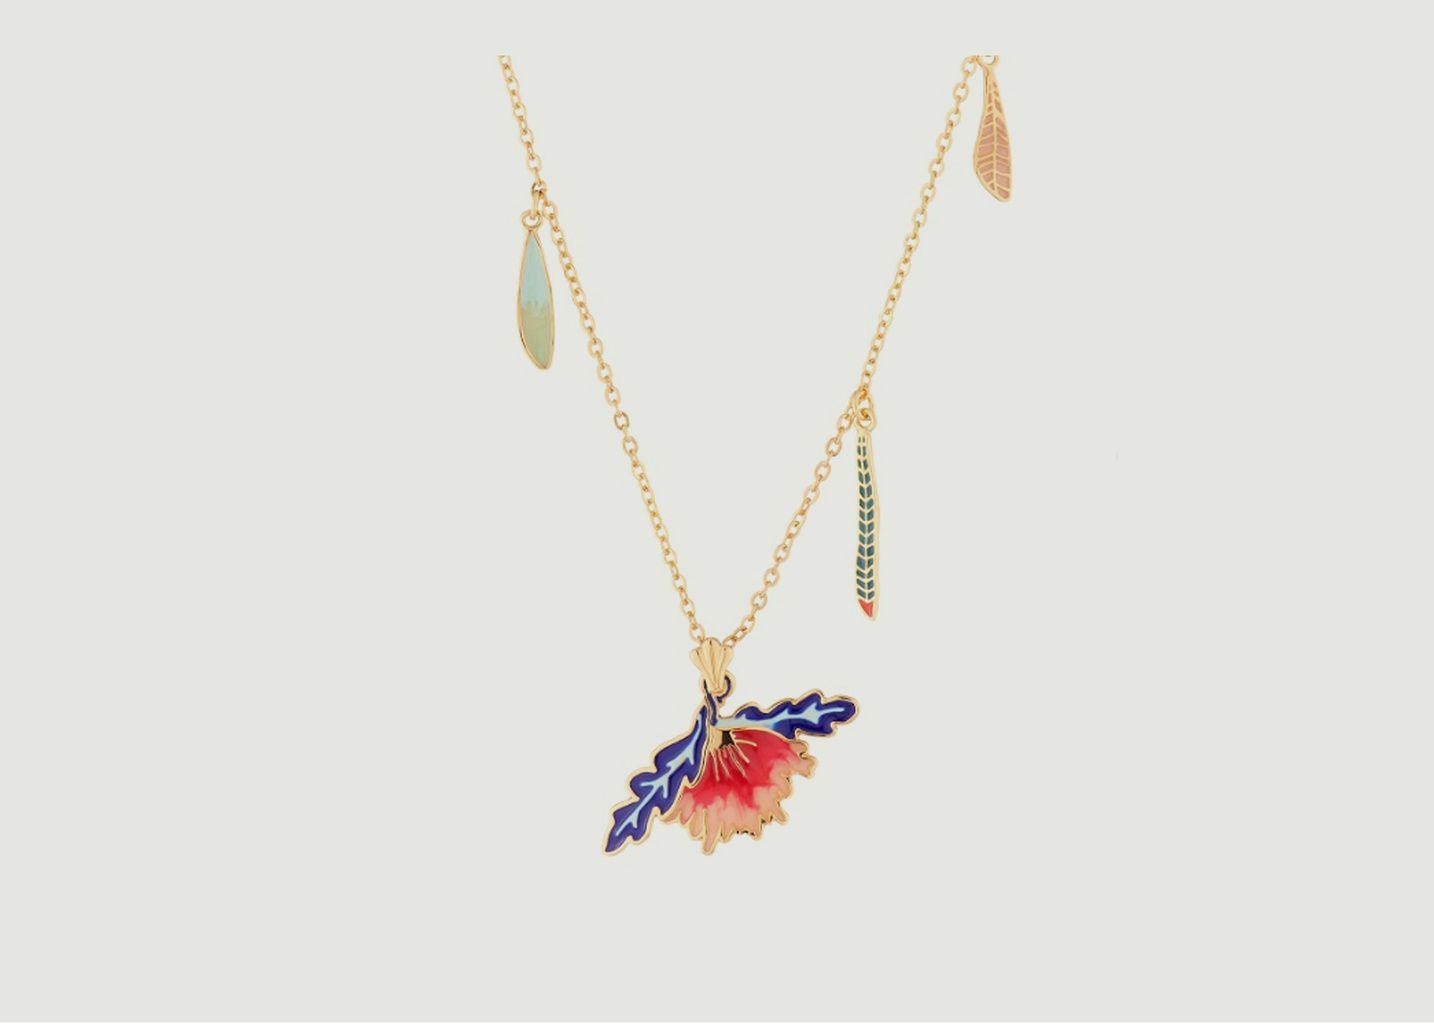 Collier avec pendentif fleur - N2